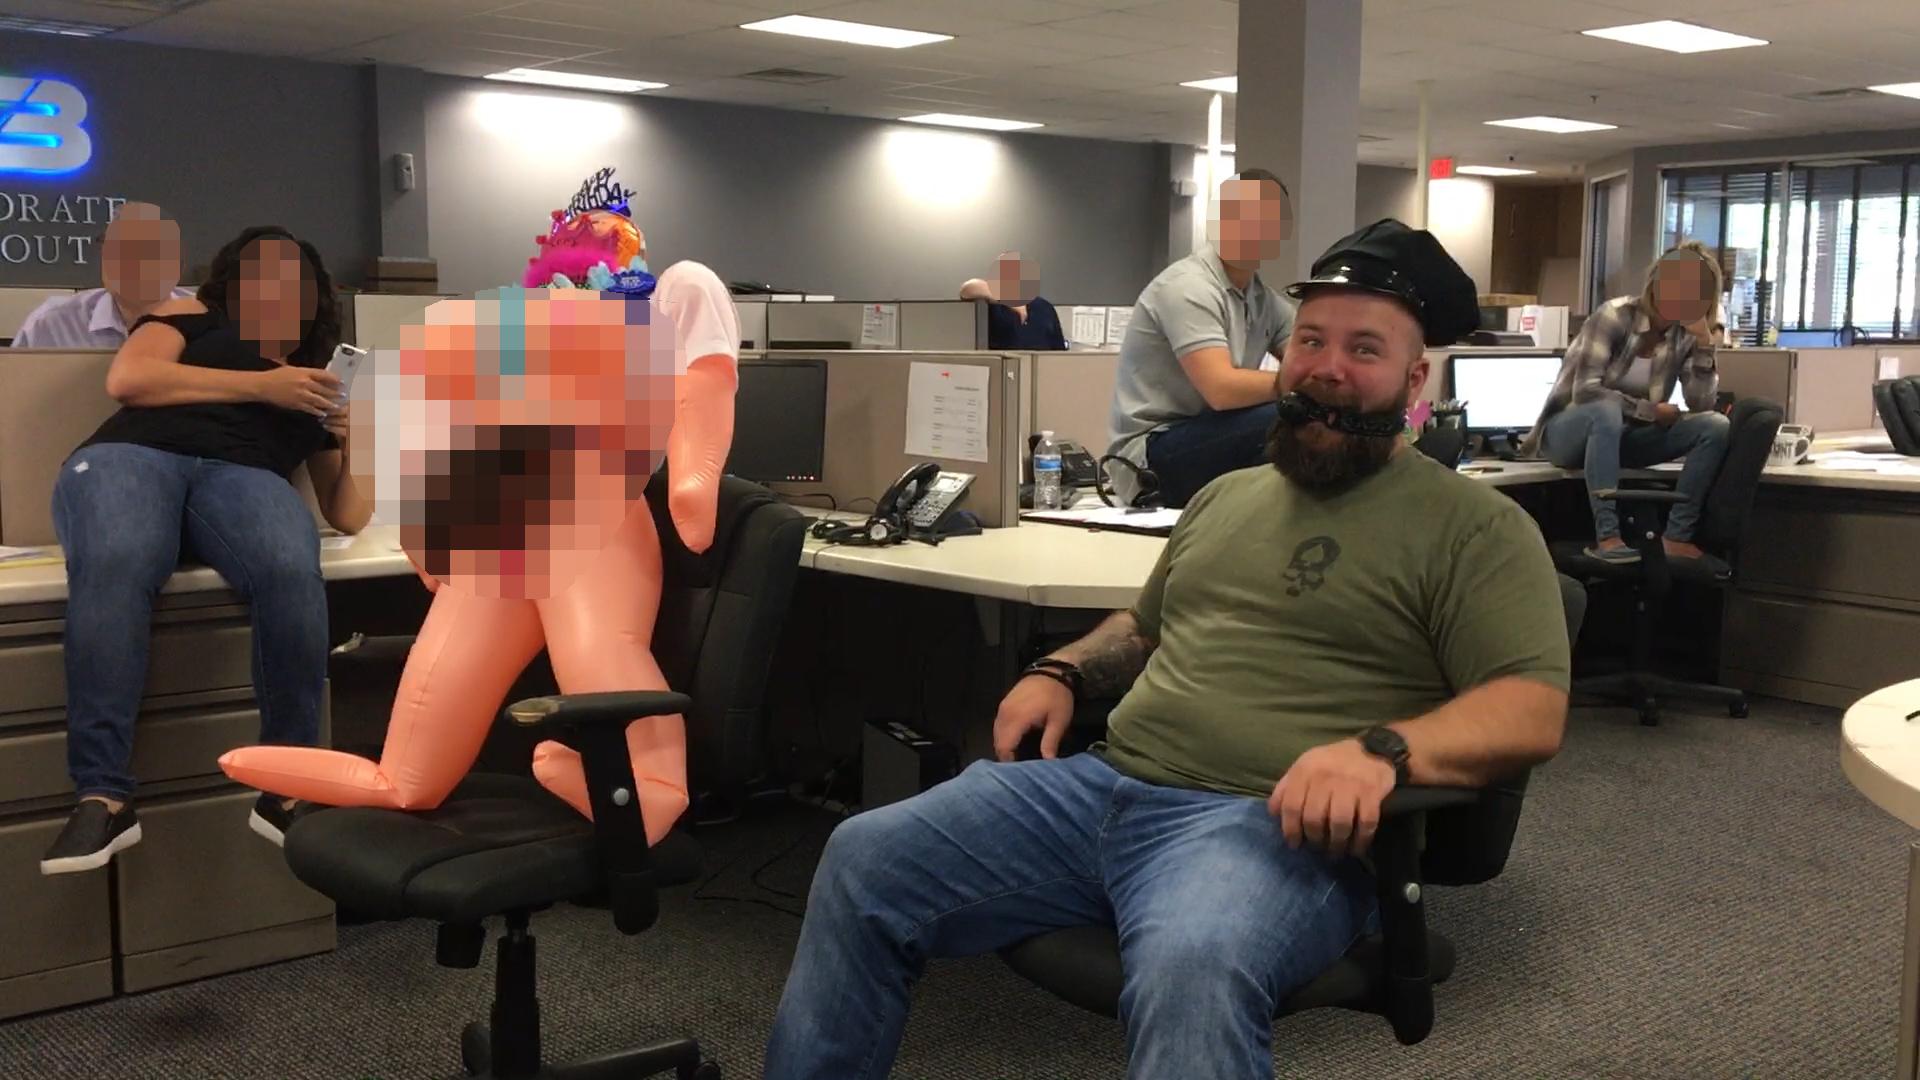 Скопировать секс в офисе